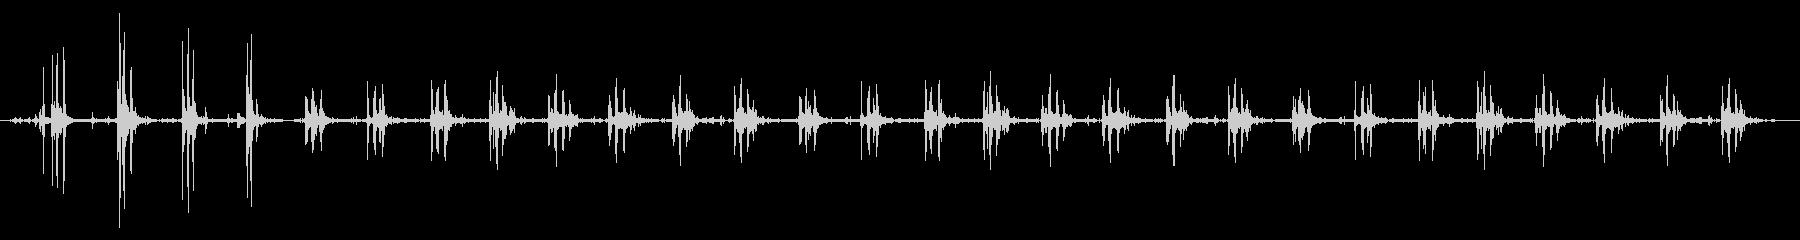 オンボードギャロップ馬の未再生の波形